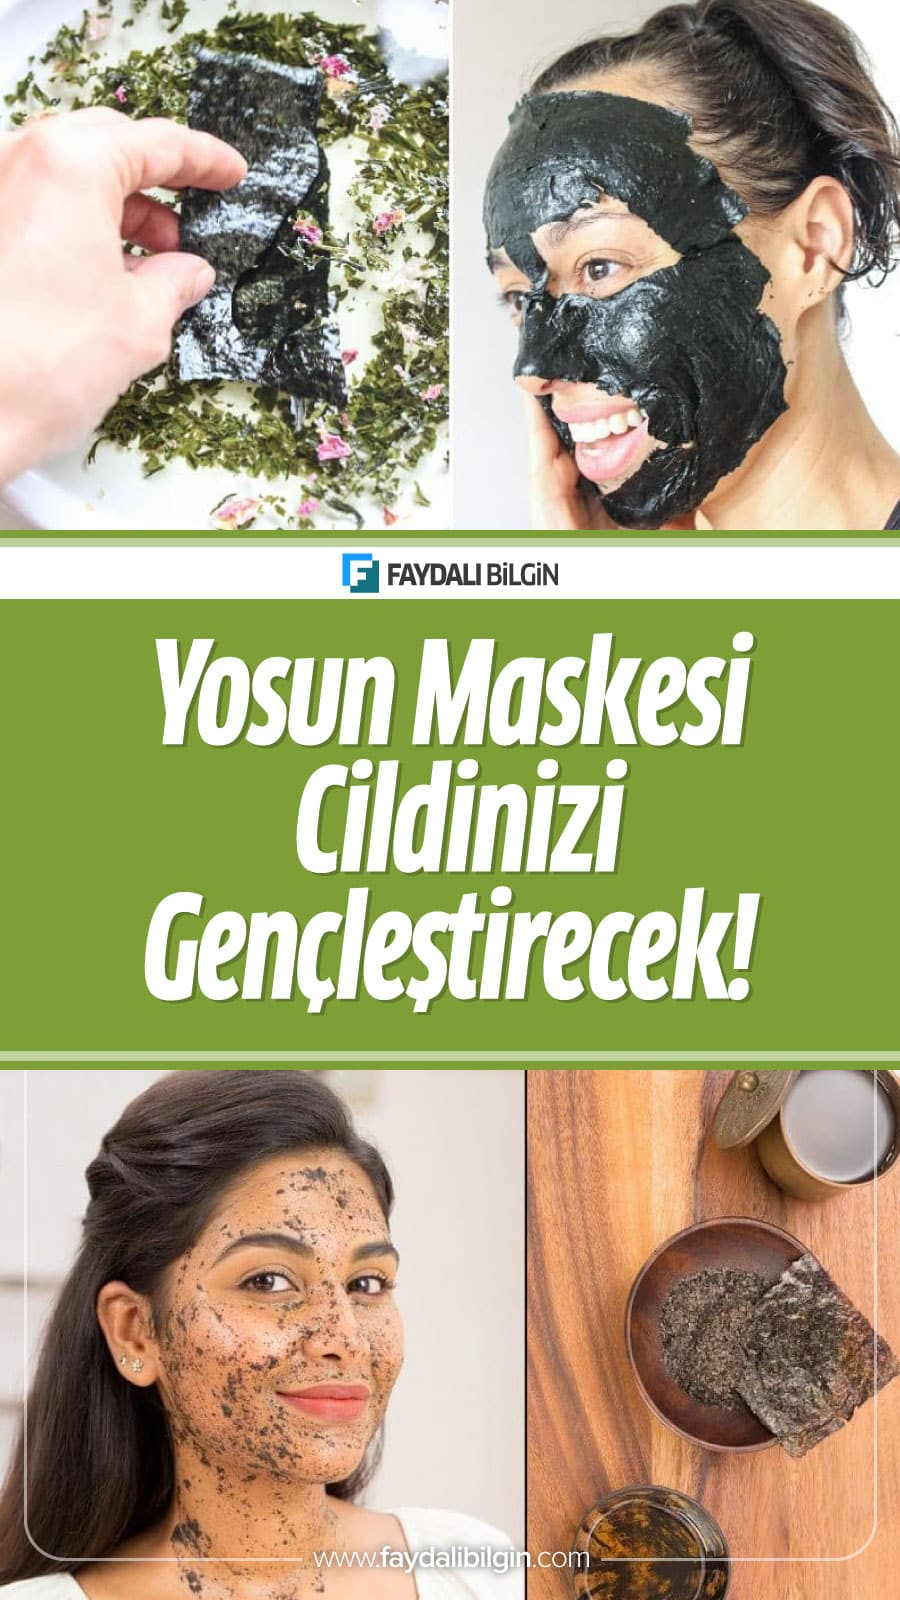 Yosun Maskesi ile Cildiniz Gençleşecek!